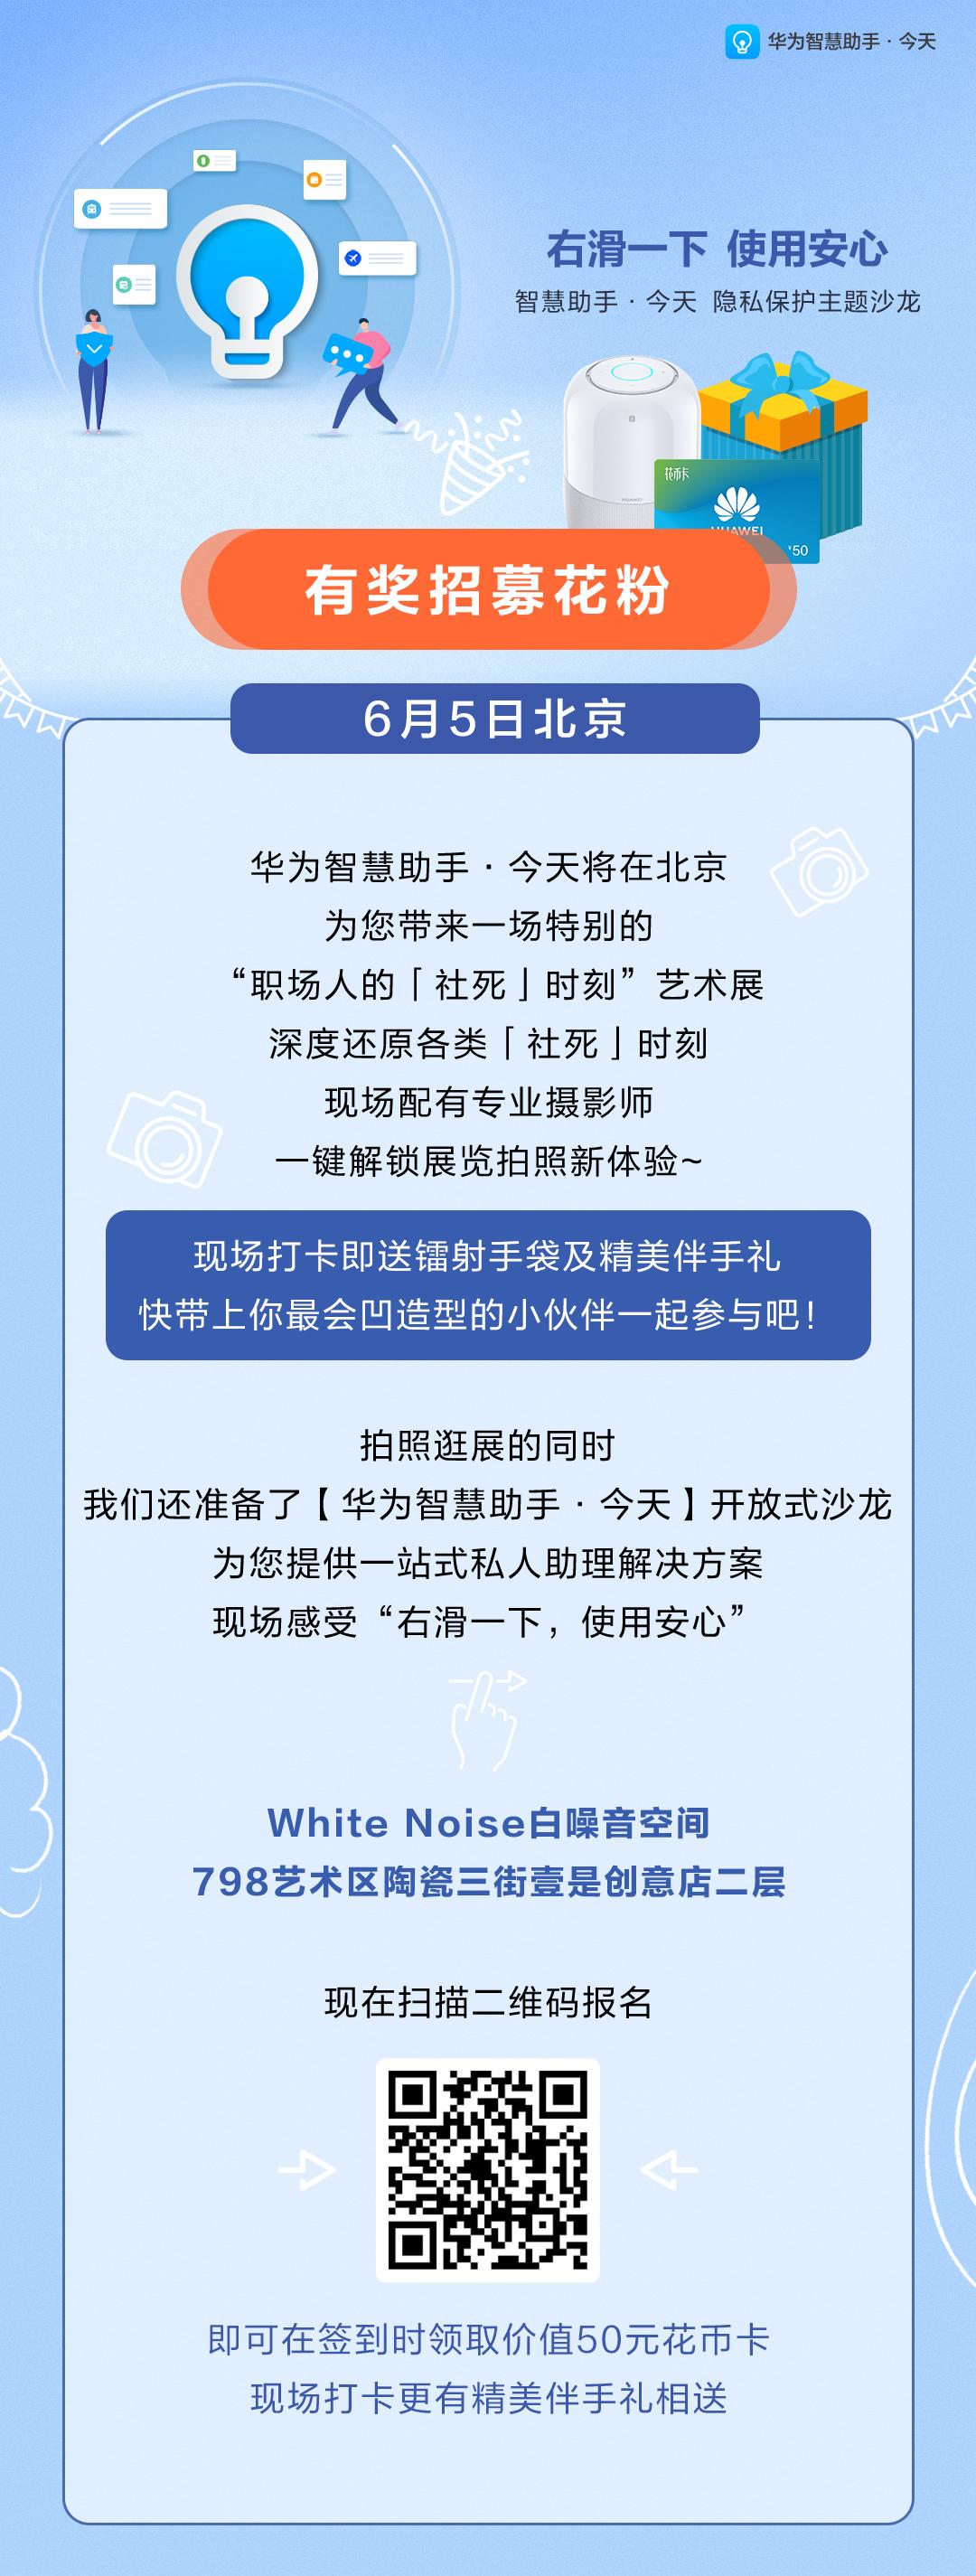 北京新版本线下活动招募长图.jpg